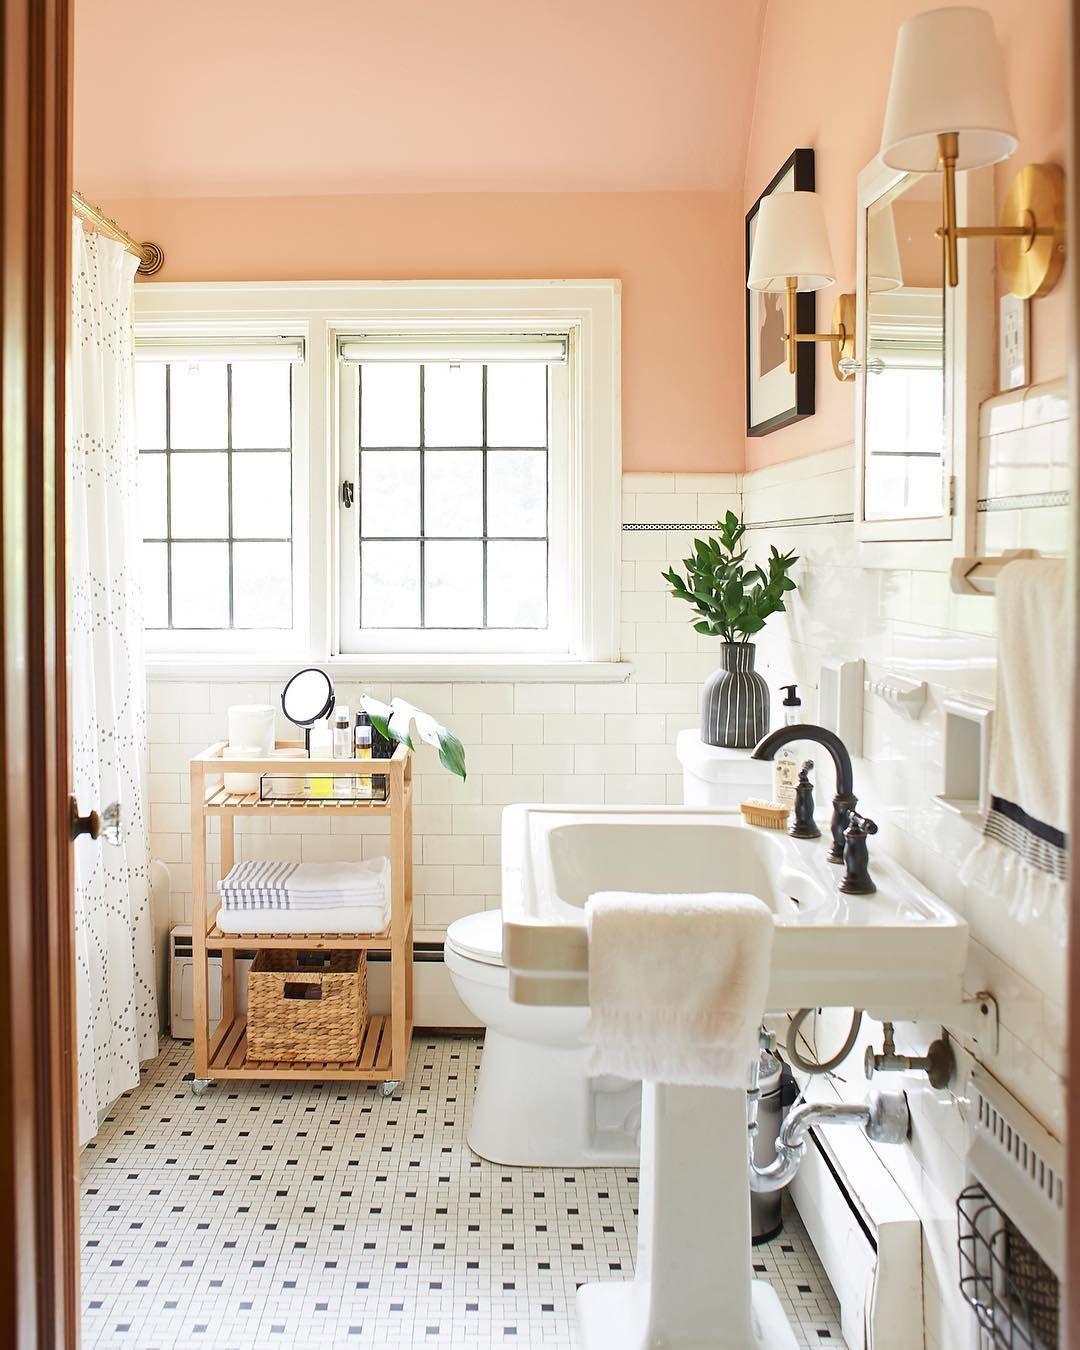 Pin by Gail Richardson on Bath Favorites | Pinterest | Bath, Future ...